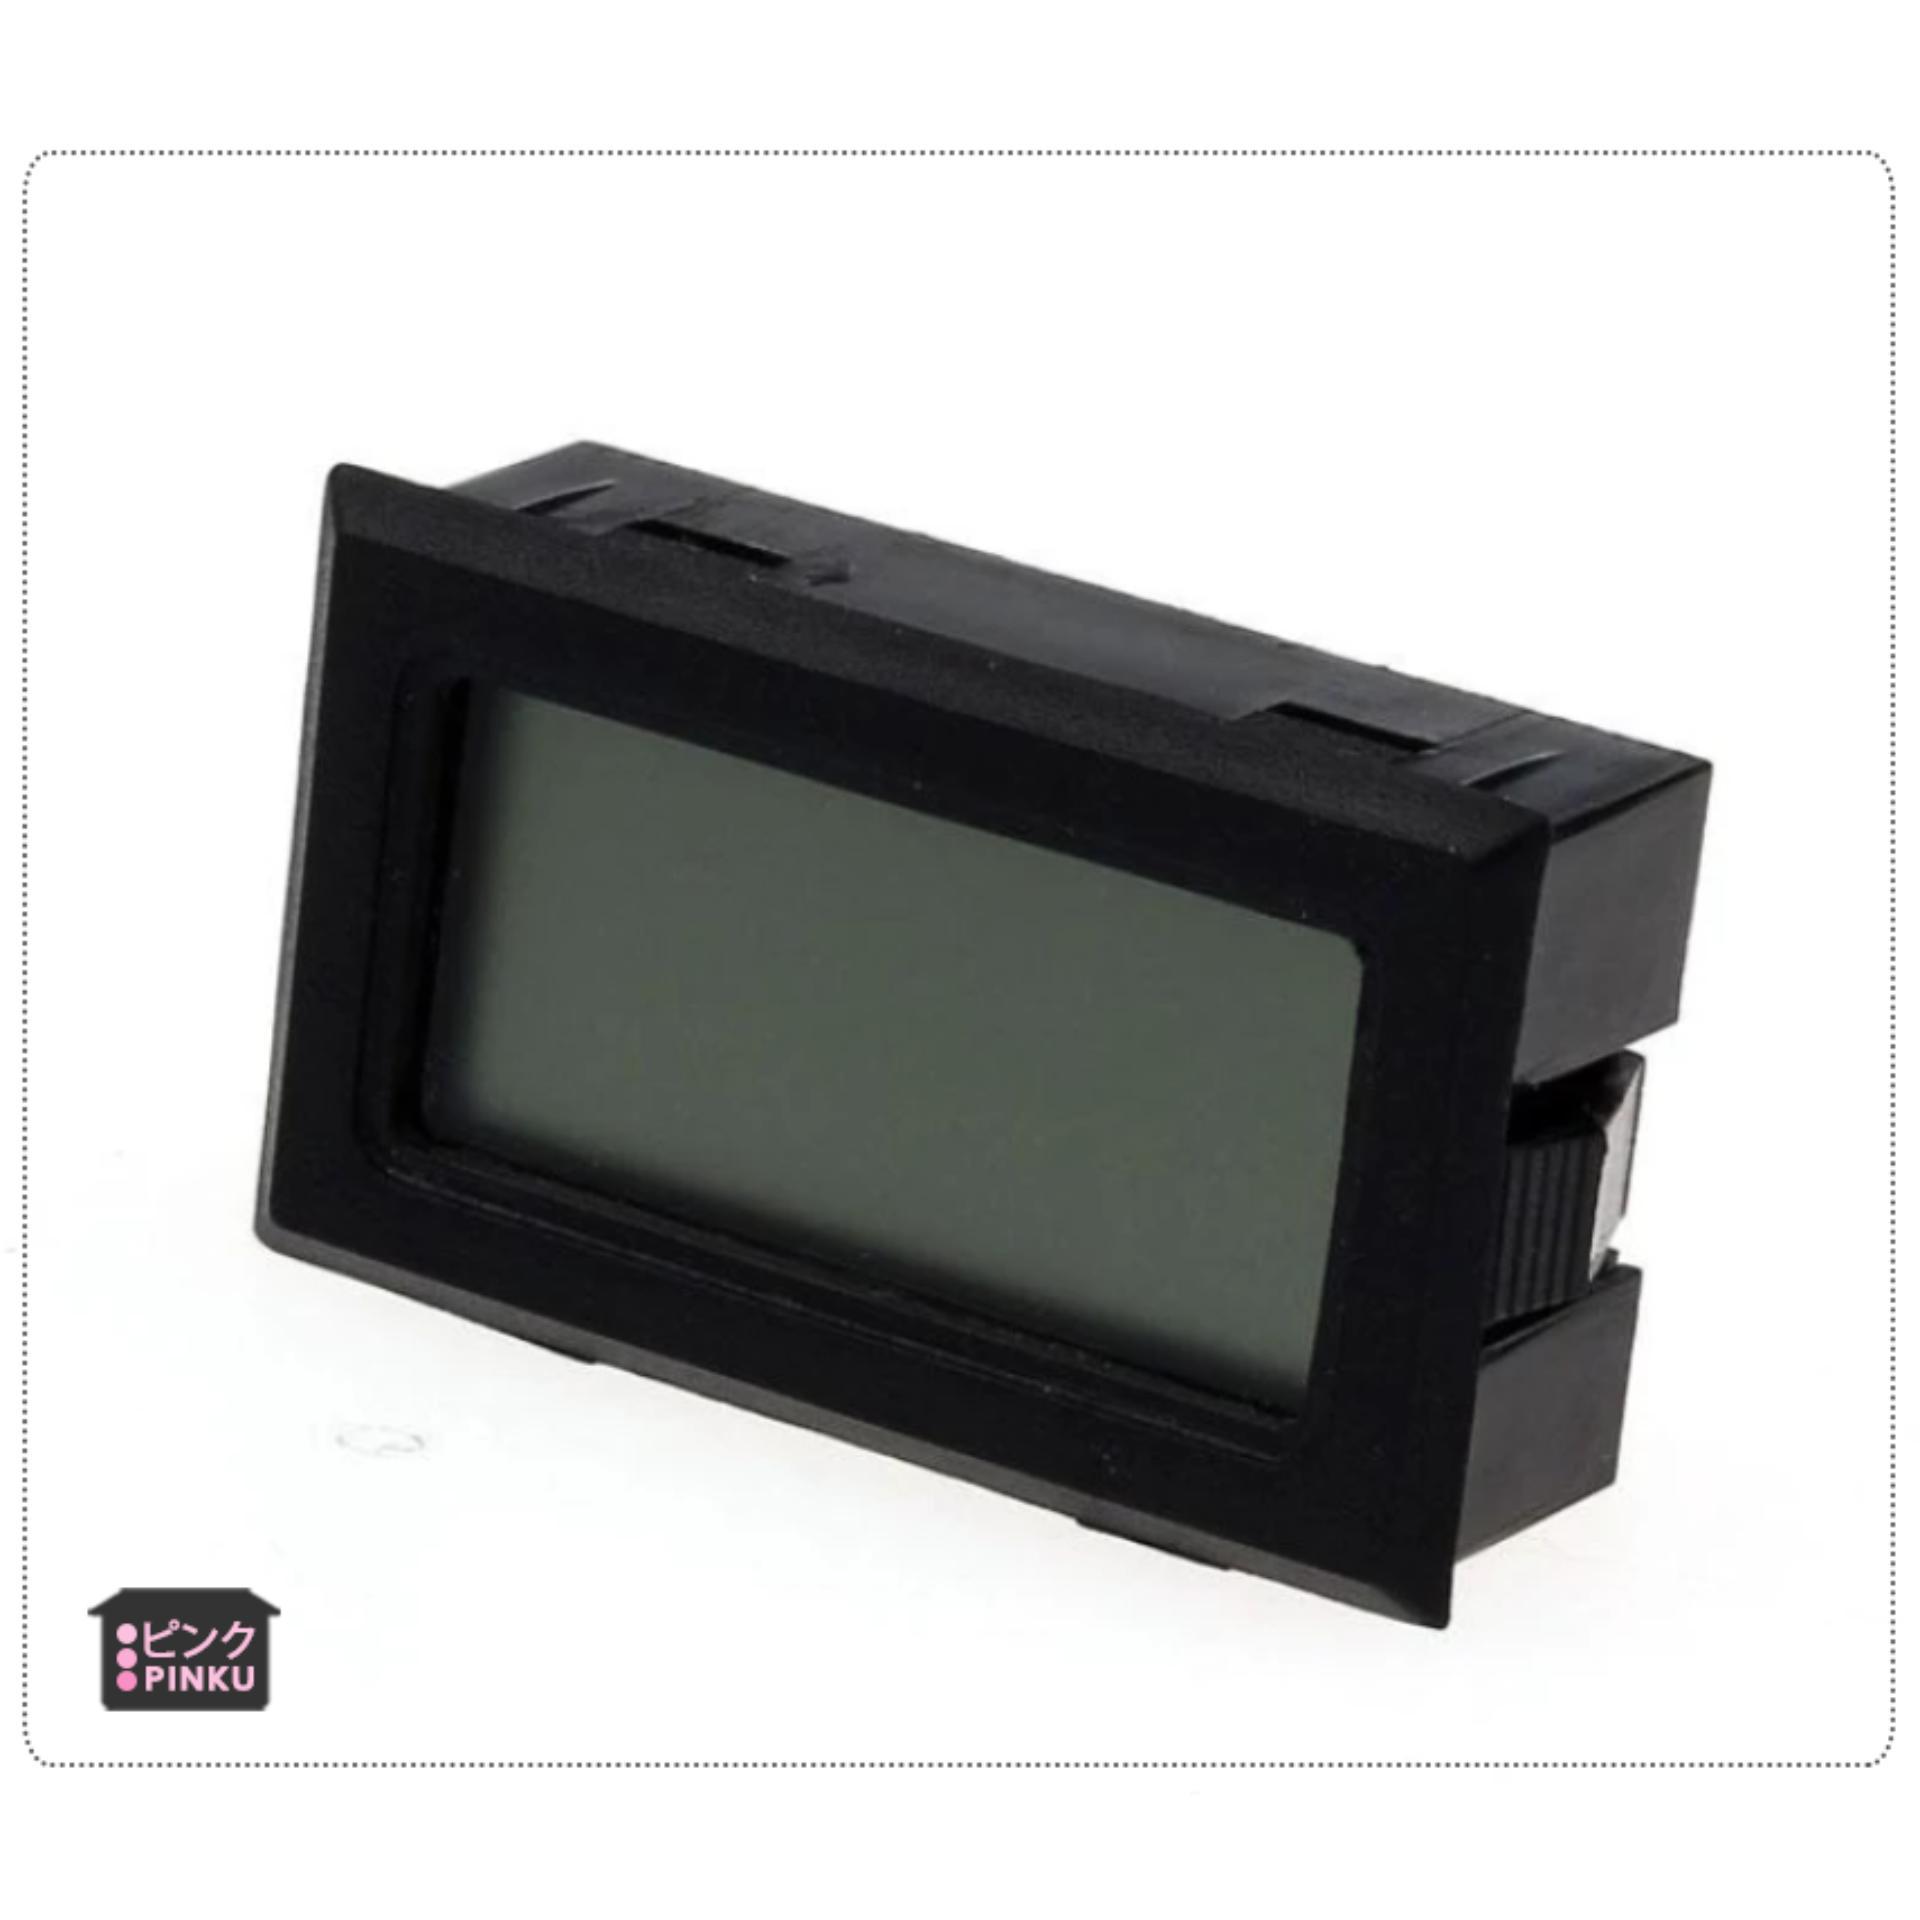 Mini Digital Lcd Thermometer Humidity Meter Gauge Temperature Hygrometer Black - intl